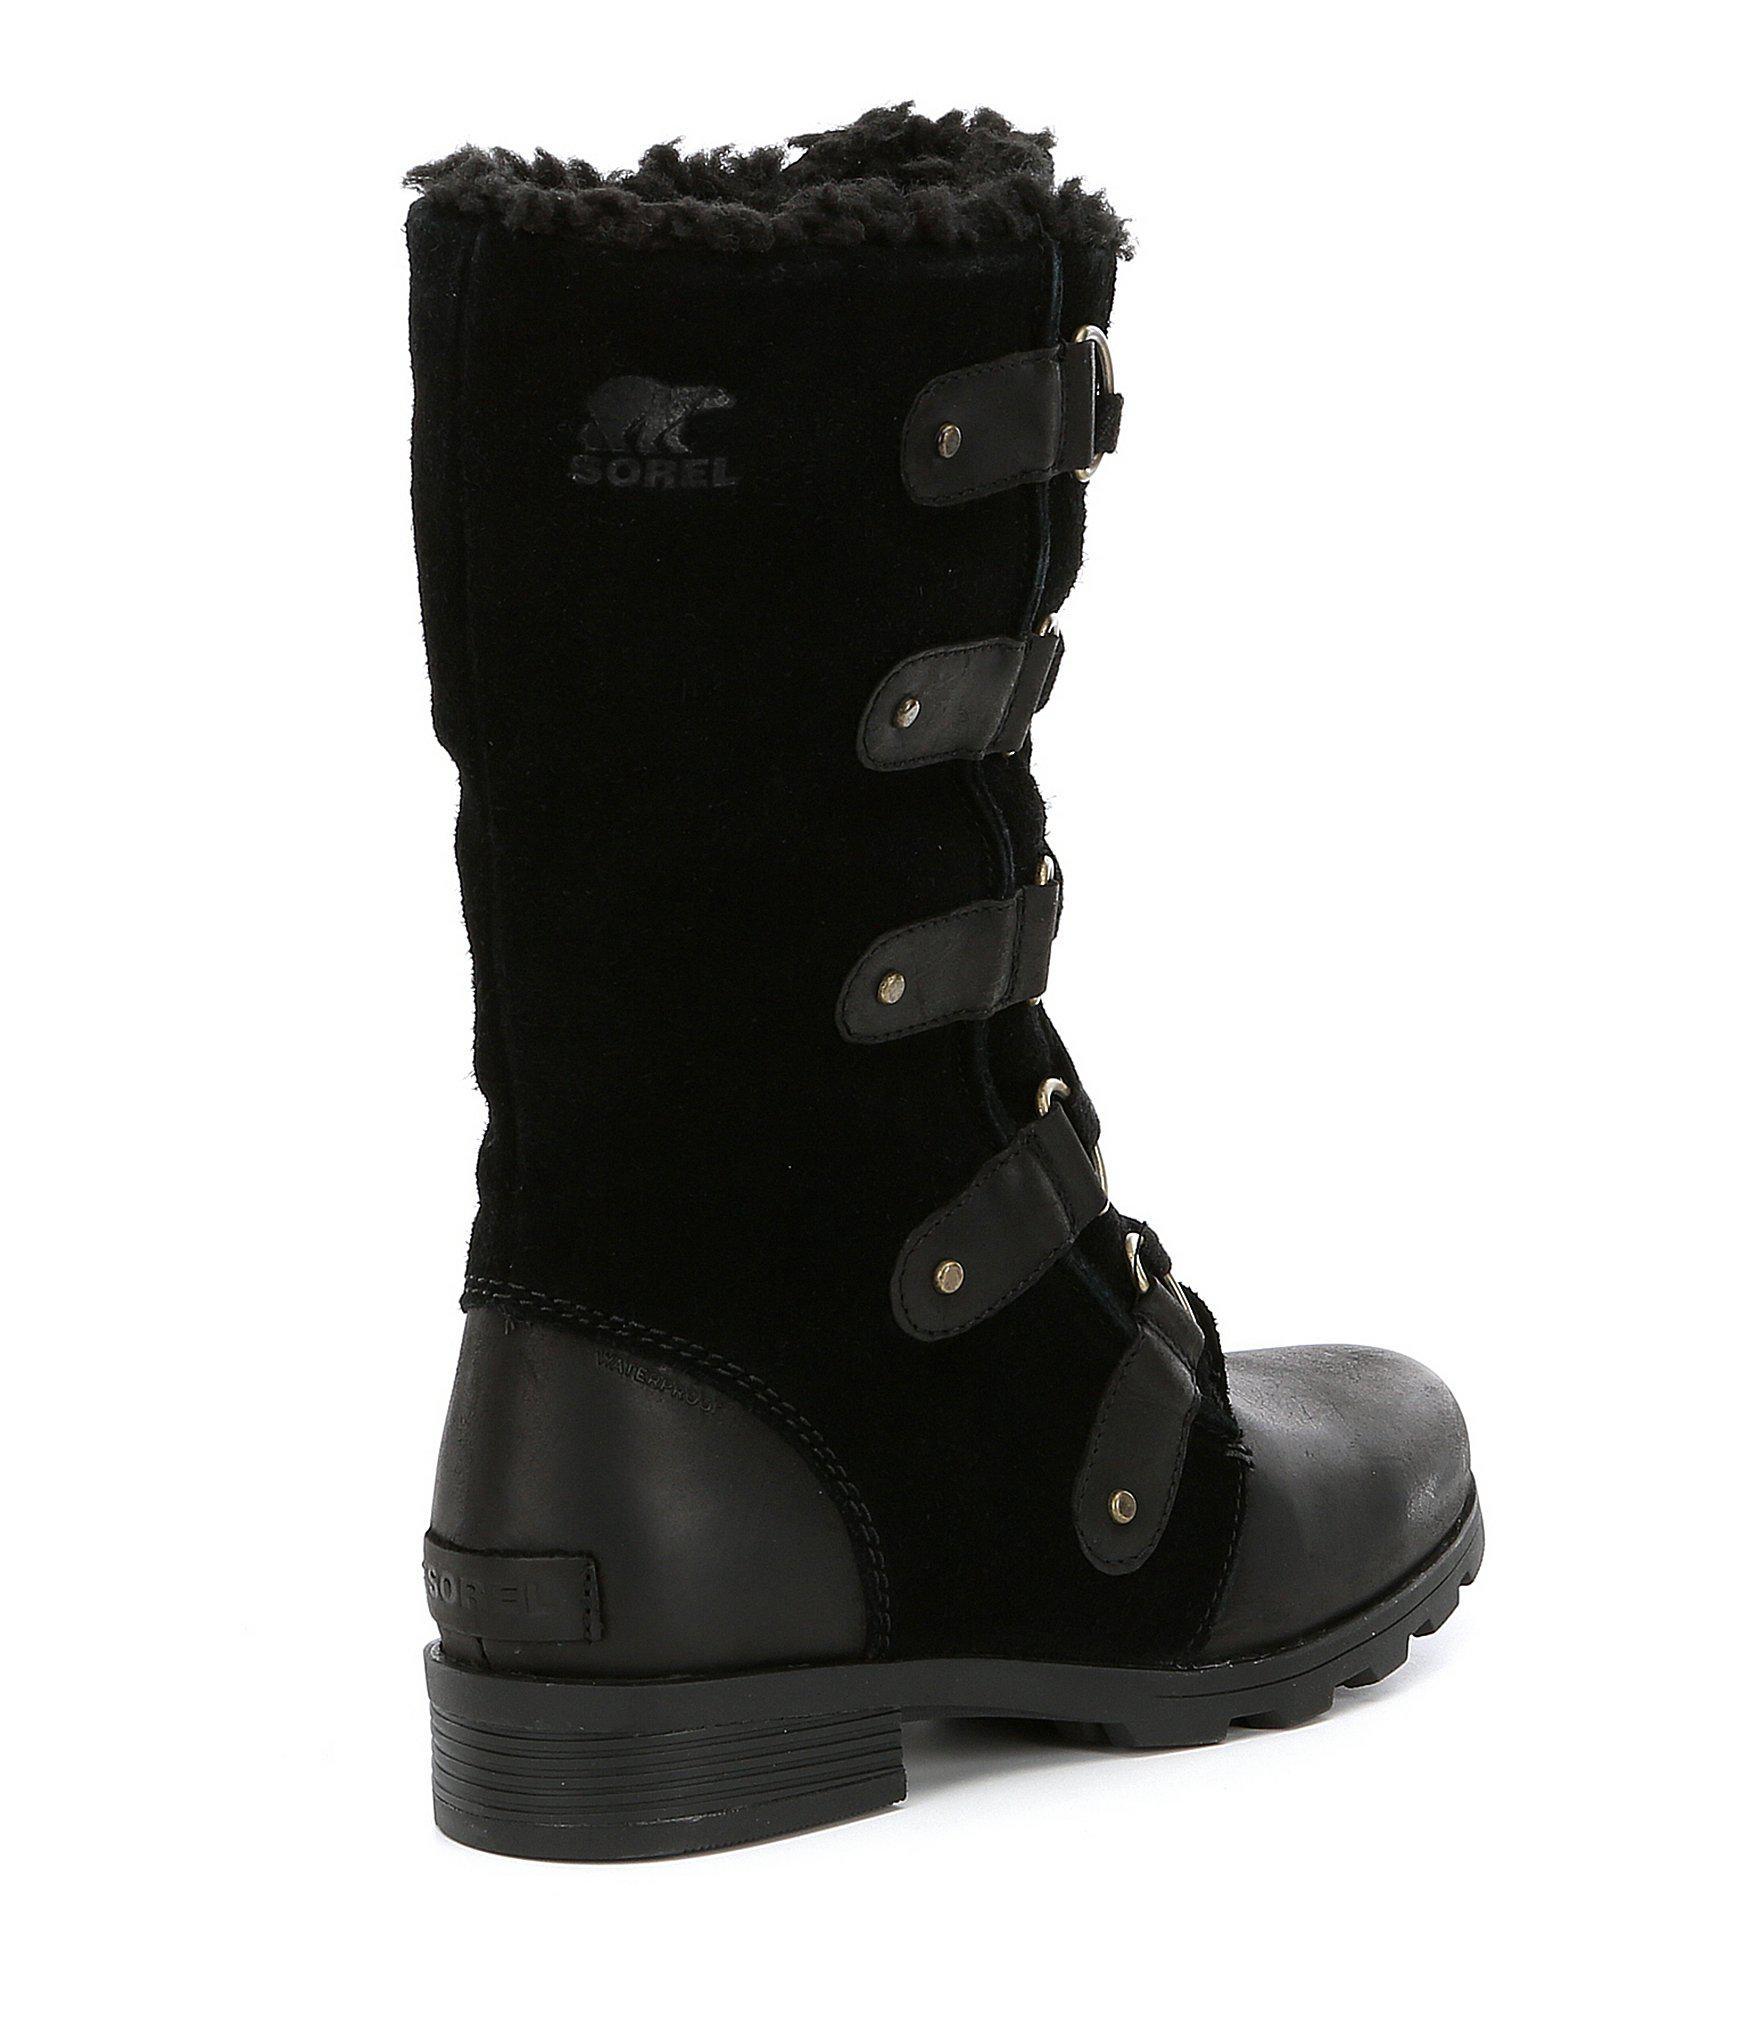 c20416a23bd Sorel Women's Emelie Lace Mid Winter Waterproof Faux Fur Block Heel ...